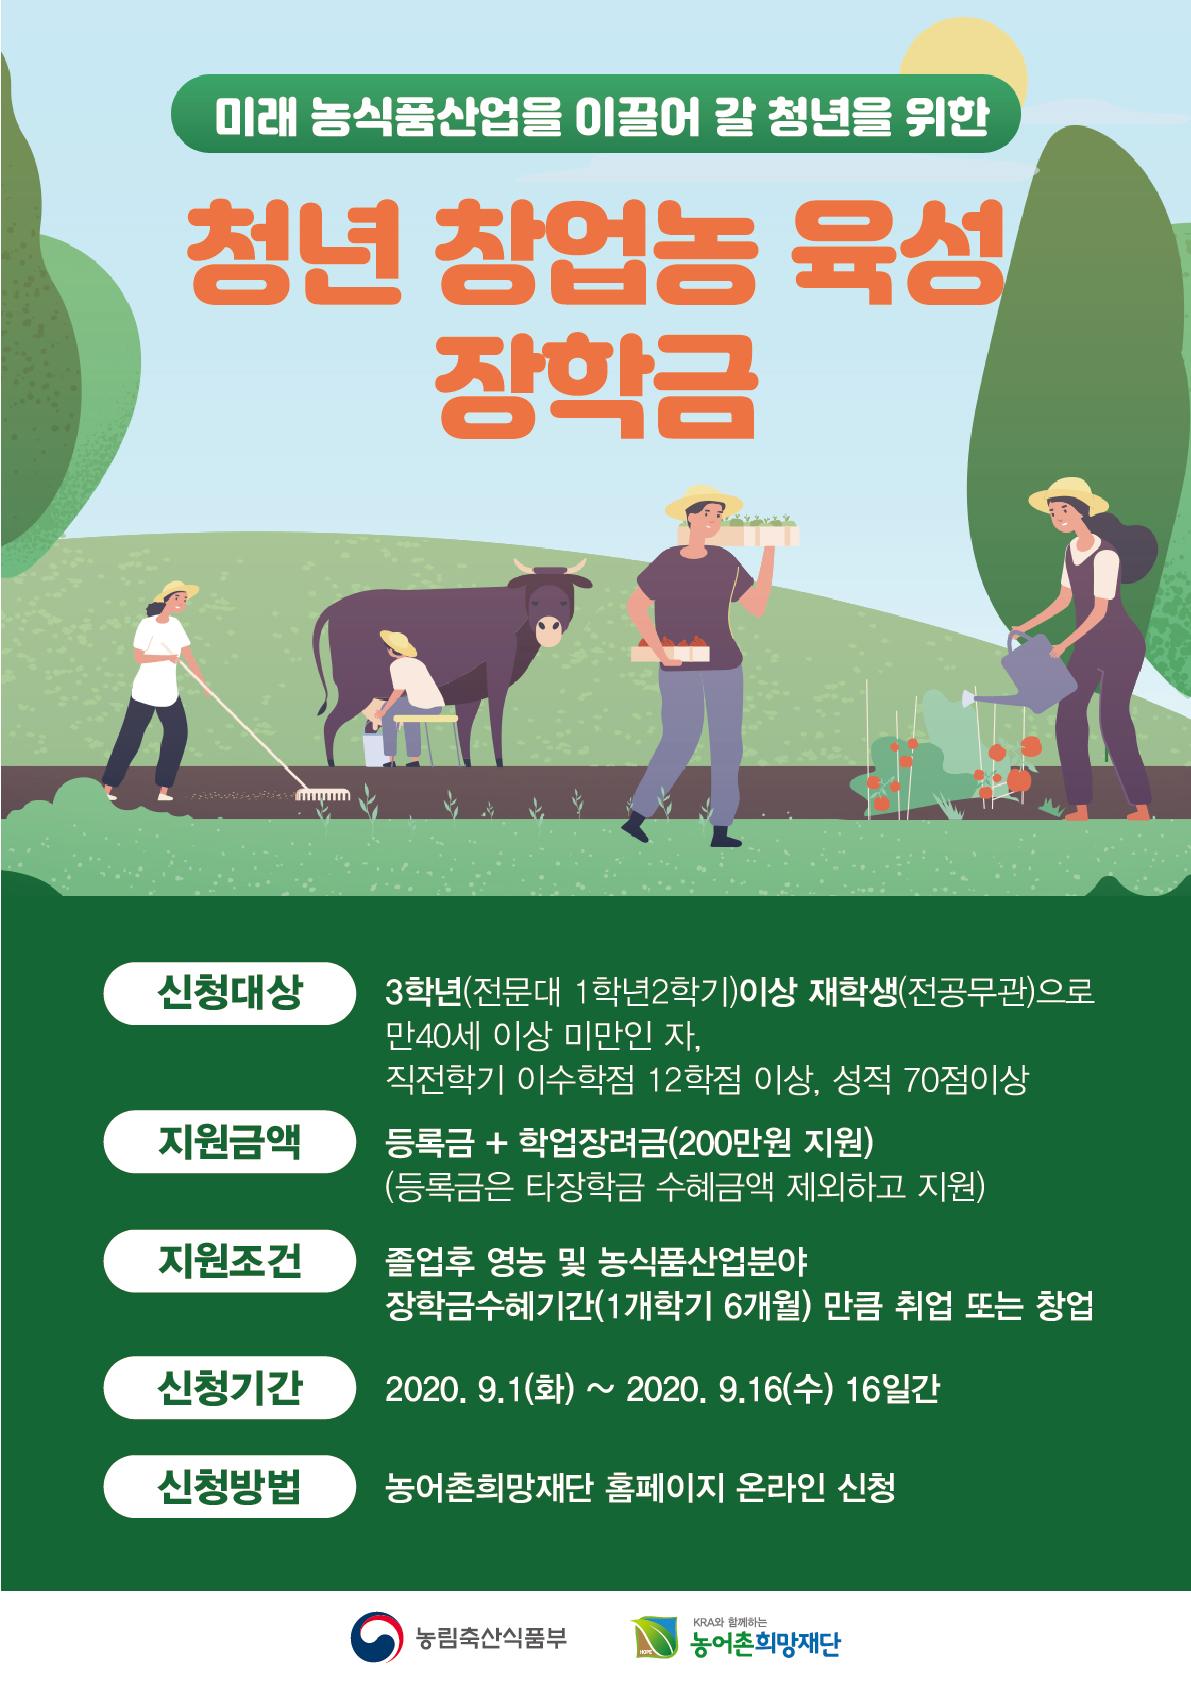 붙임1 청년창업농육성장학생 추가모집 포스터.jpg